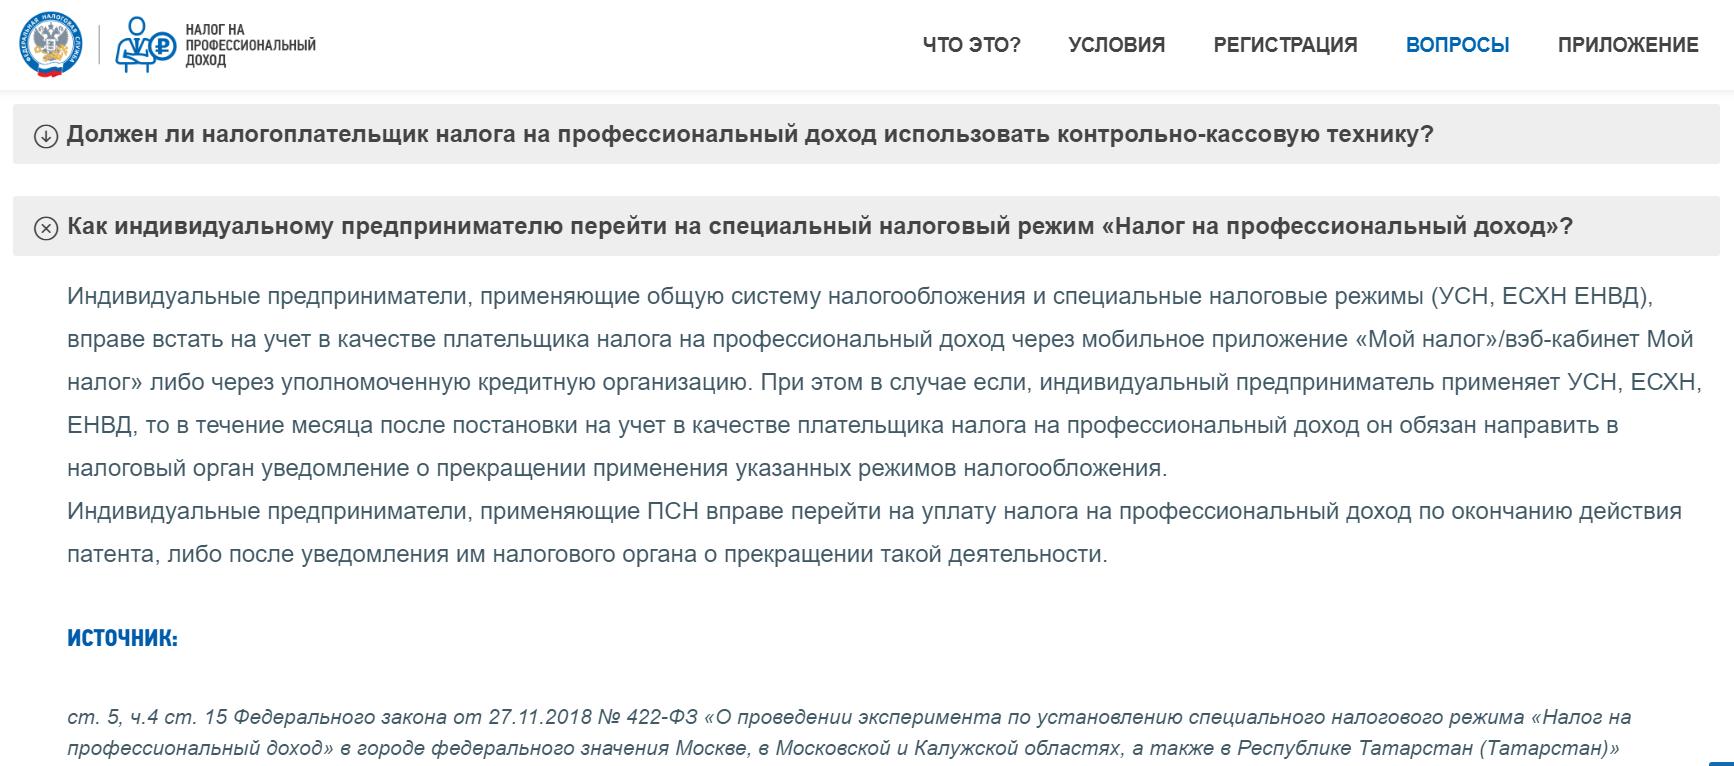 Ответ на сайте ФНС на вопрос о переходе с ИП со спецрежимами налогообложения